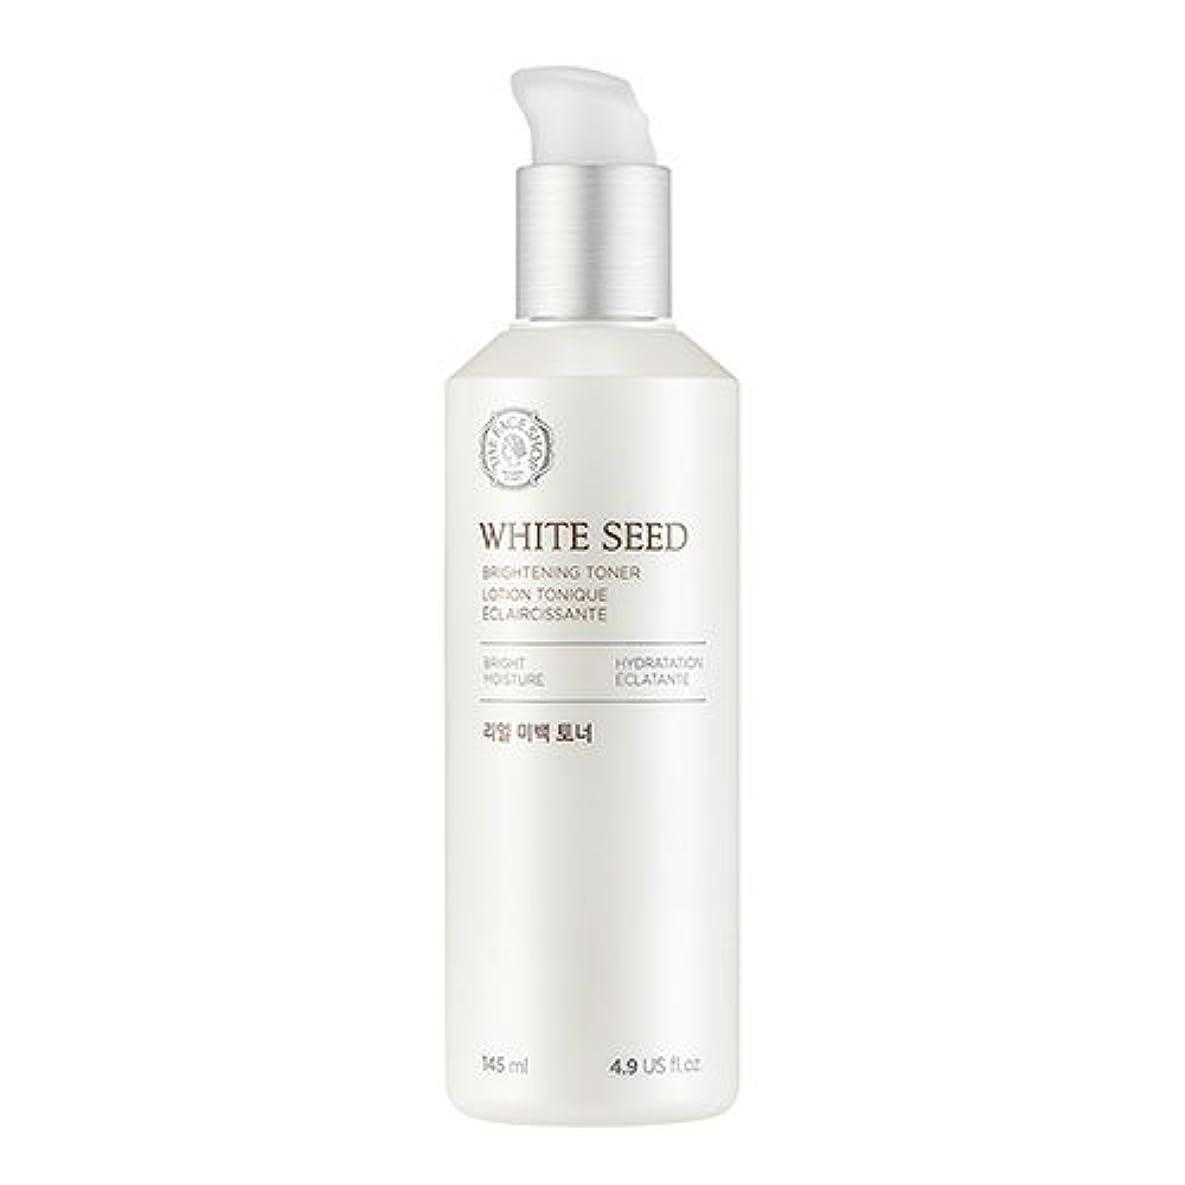 文あそこ権限ザフェイスショップ(THEFACESHOP) ホワイトシードビライトニングトナー 化粧水 WHITE SEED BRIGHTNING TONER 145ml